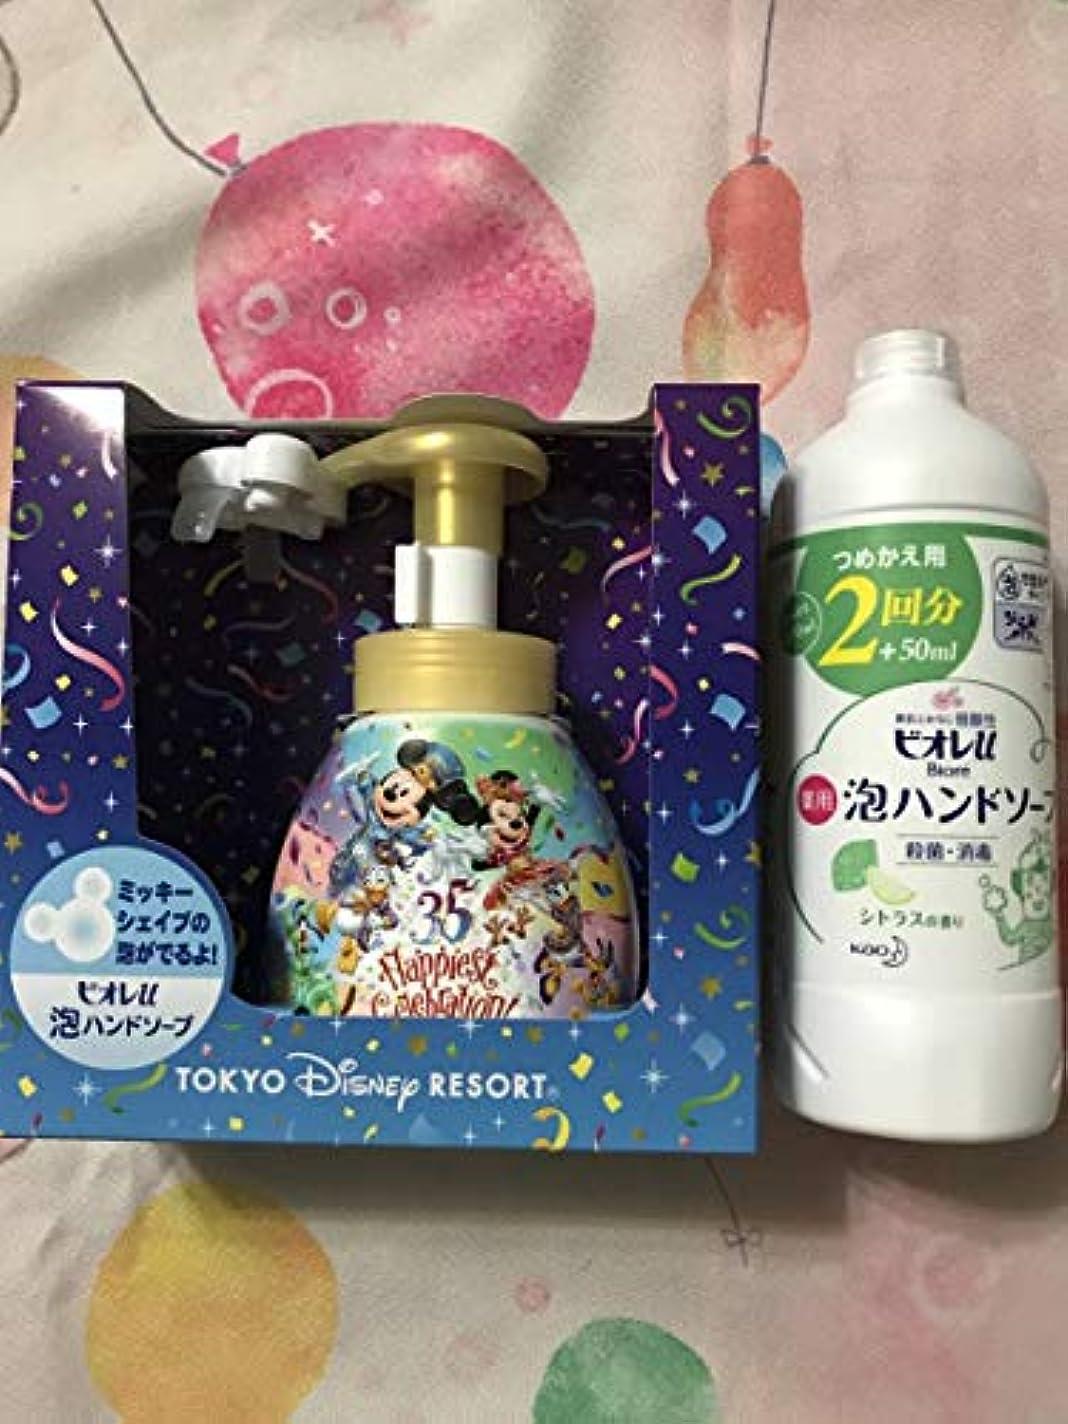 素晴らしいです持続する値するミッキー シェイプ ハンドソープ 東京ディズニーリゾート 35周年 記念 石鹸 ビオレU 詰め替え シトラスの香り付き